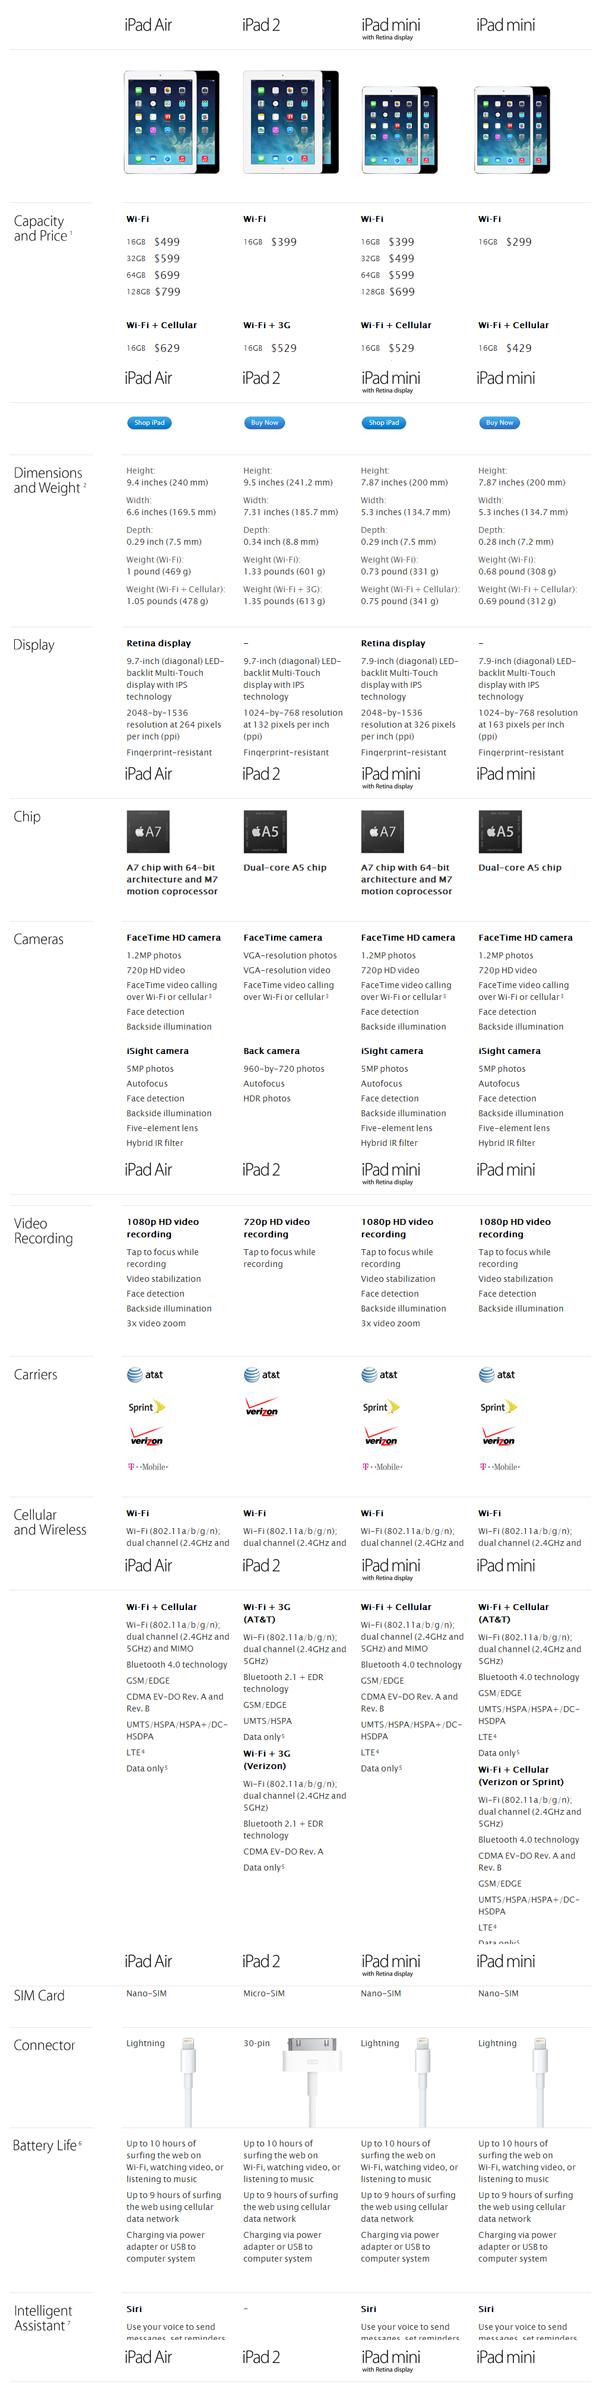 iPad Air comparison'